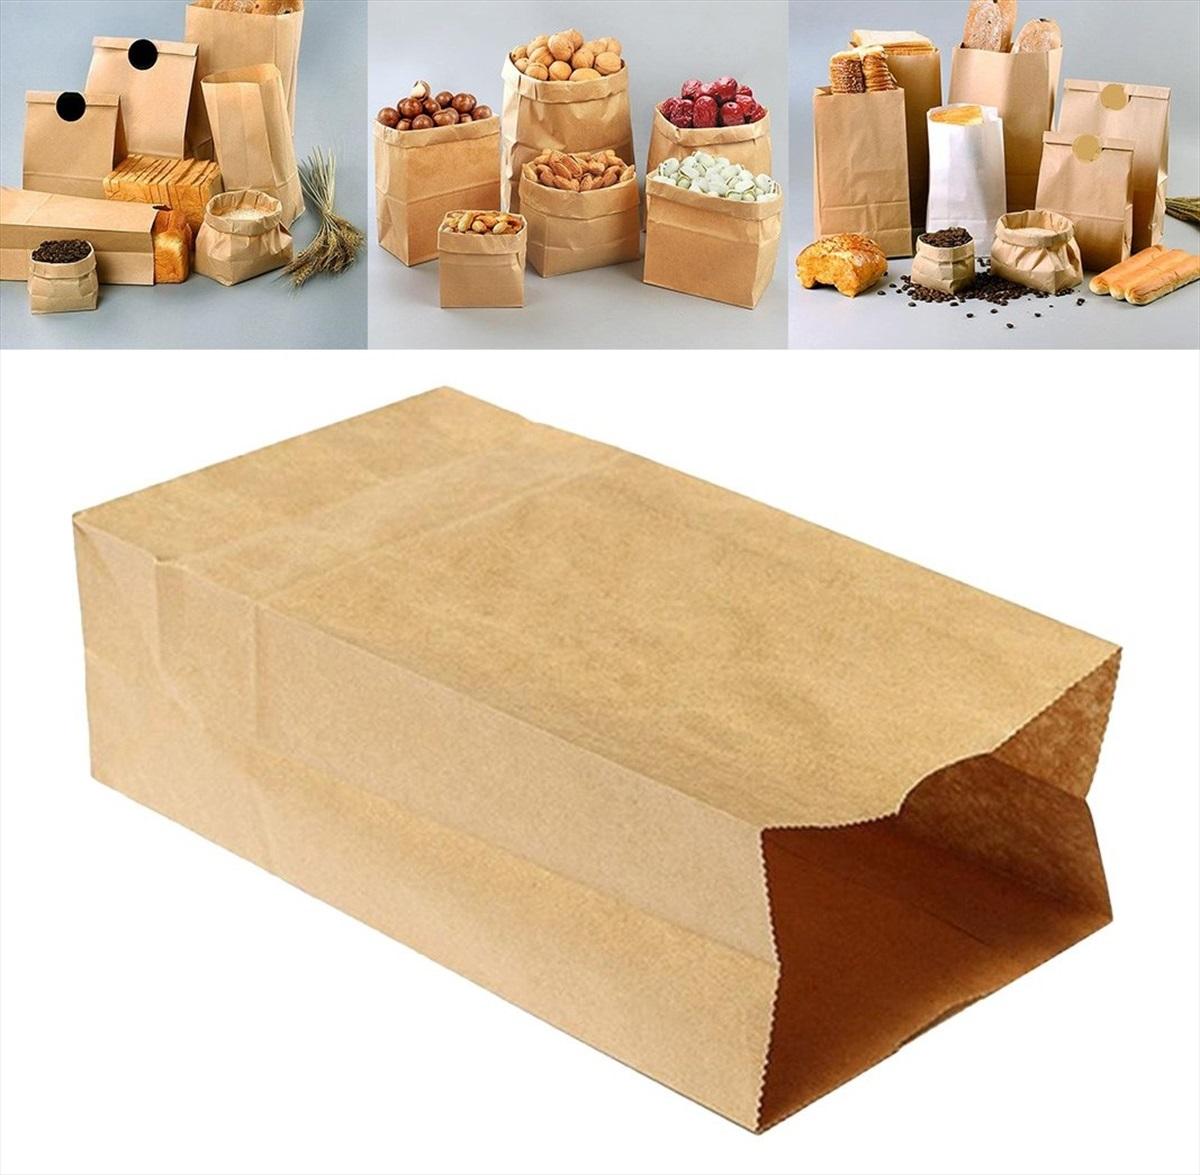 Túi giấy đựng bánh mì mang đến hiệu quả lớn trong kinh doanh